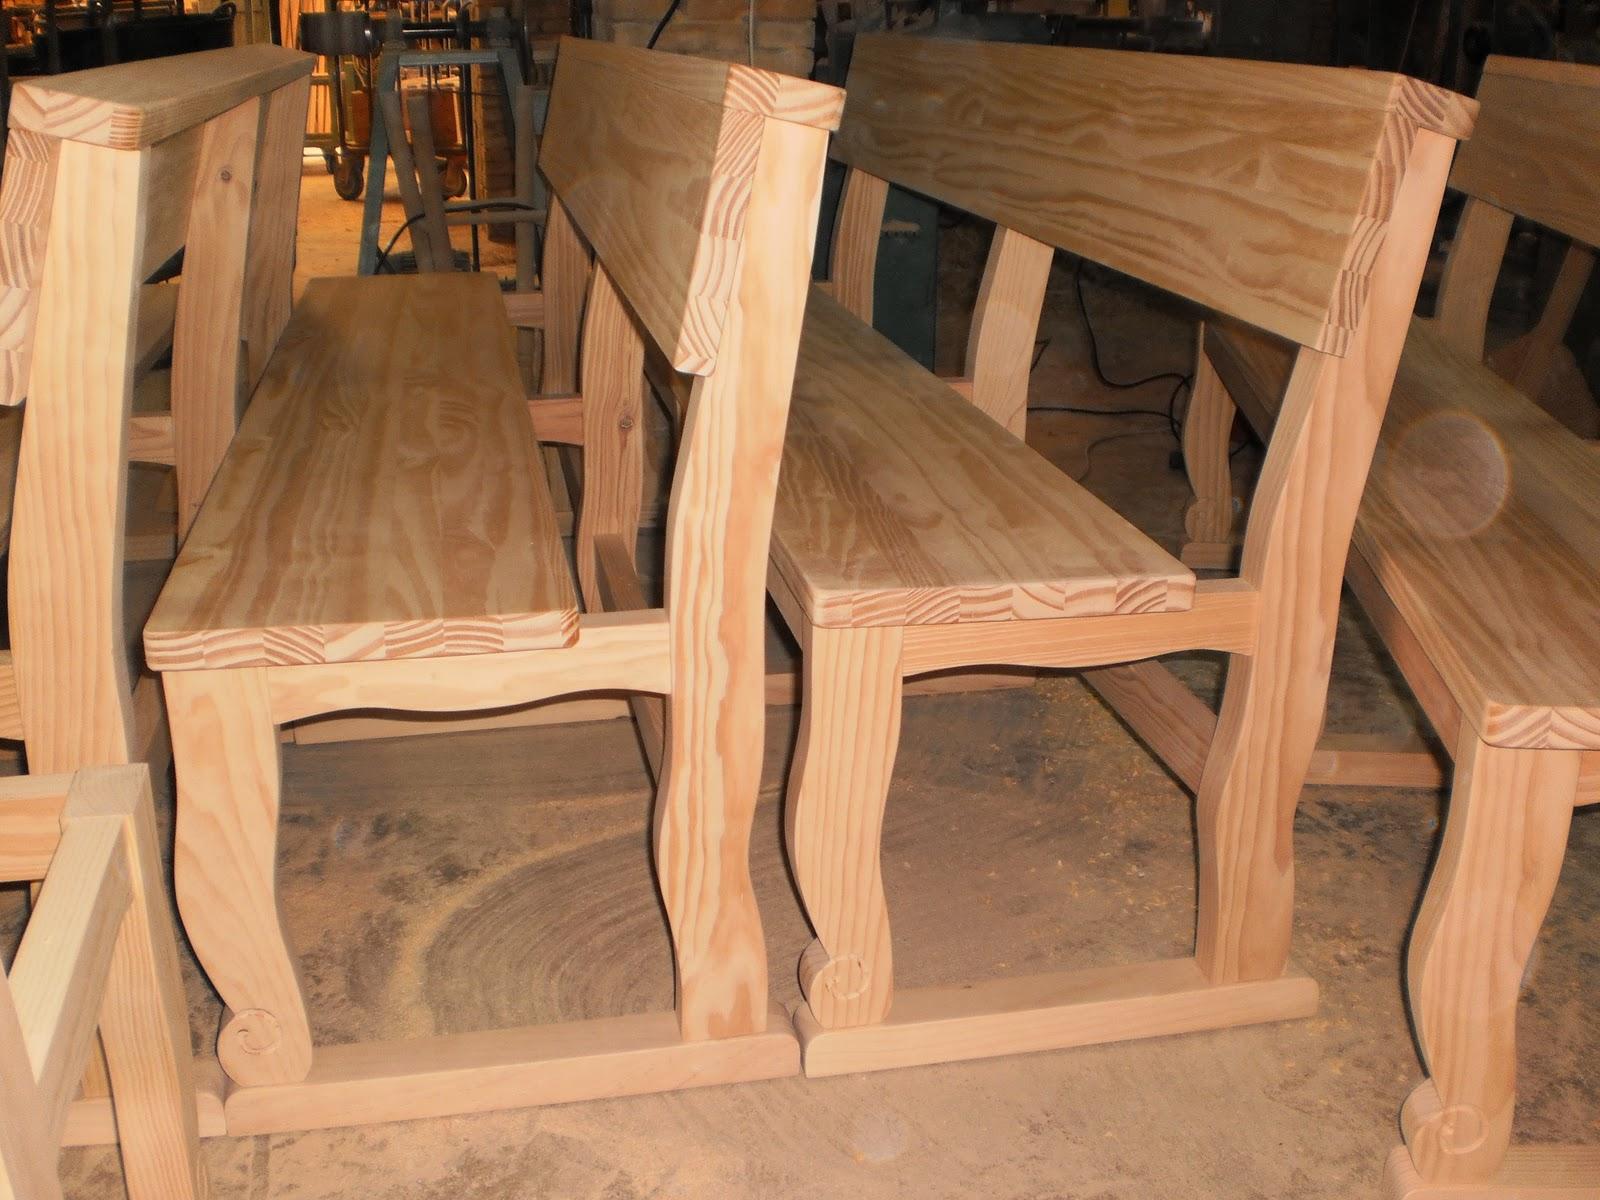 Fabrica de bancos de madera pauli proceso de fabricacion for Fabricacion de bares de madera